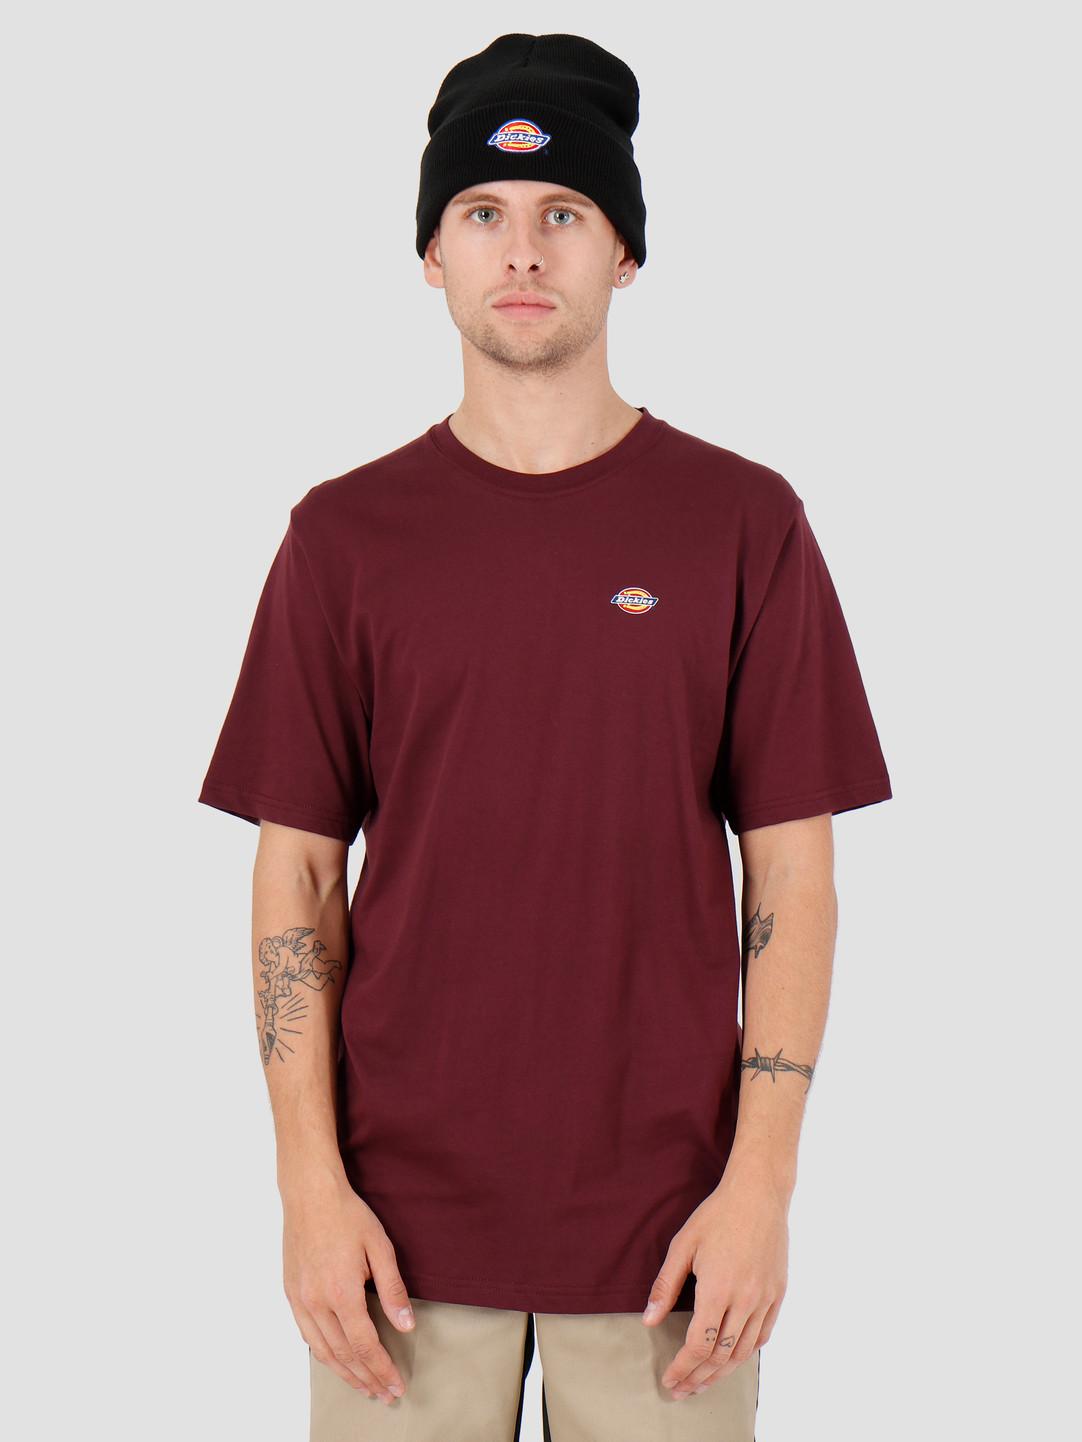 Dickies Dickies Stockdale T-Shirt Maroon DK621578MR01